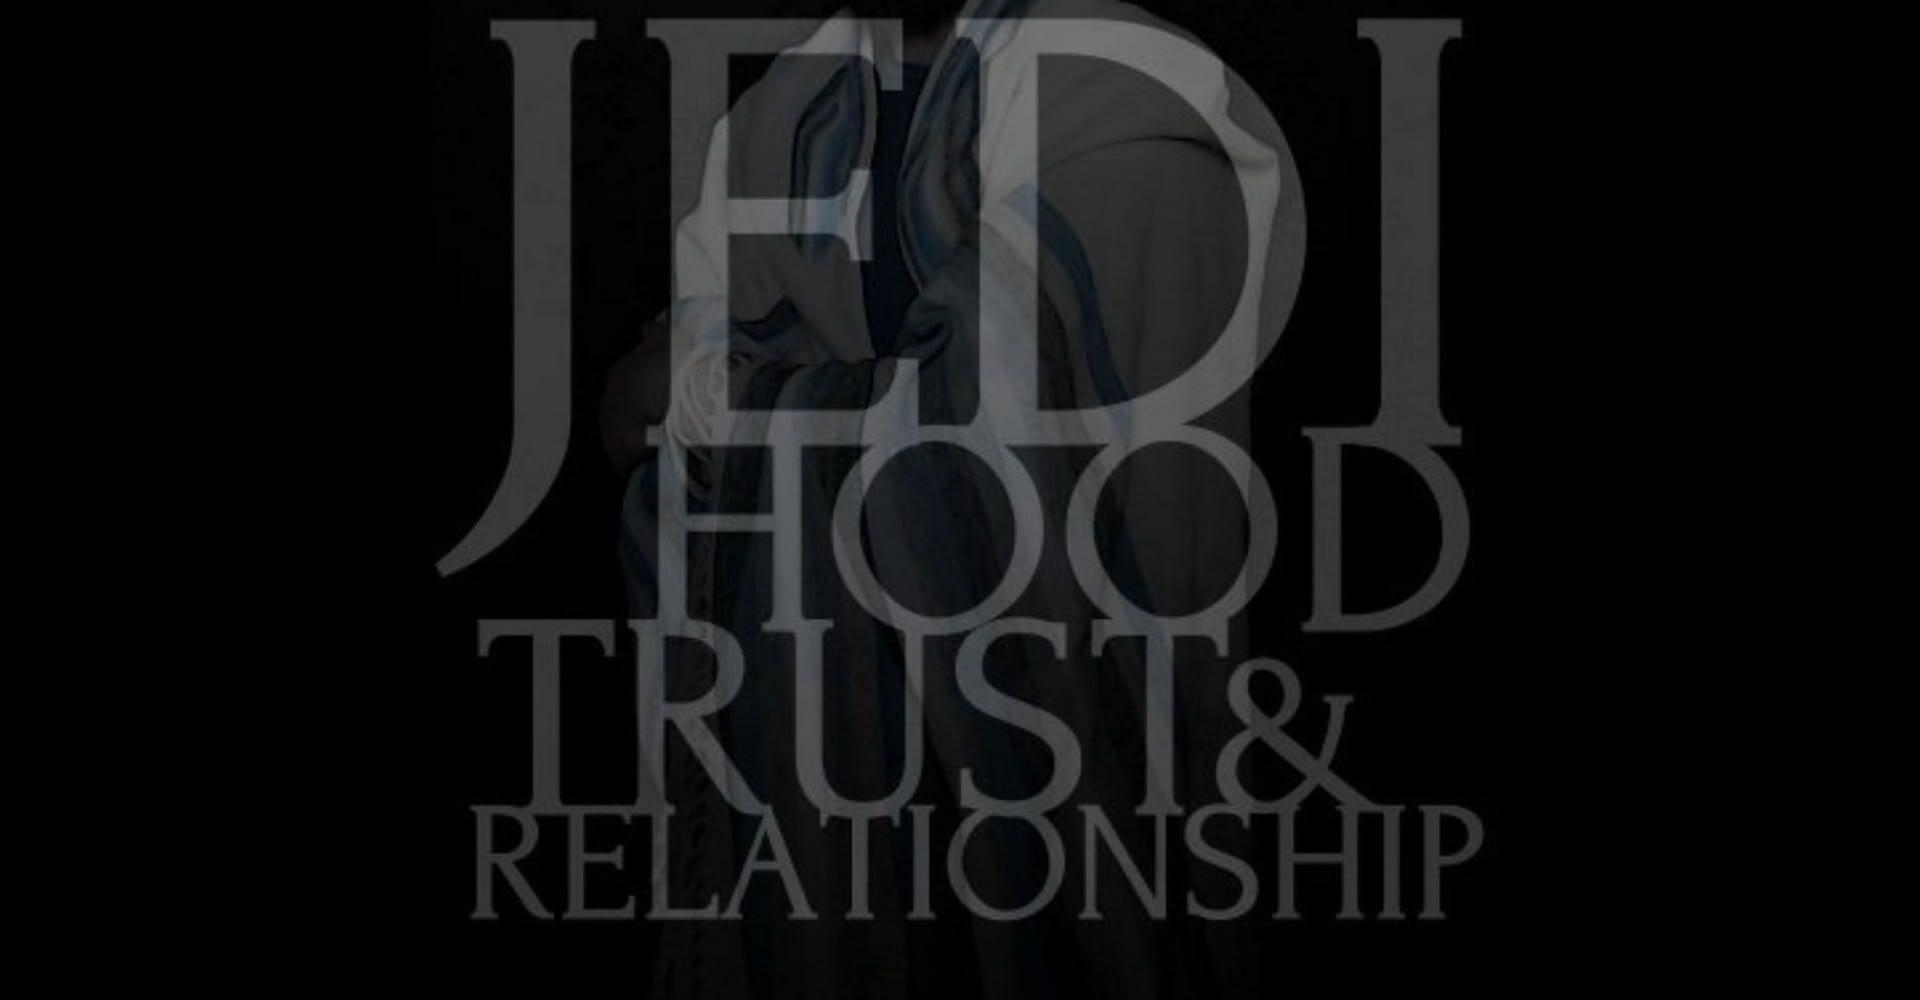 Jedihood Series Banner Background